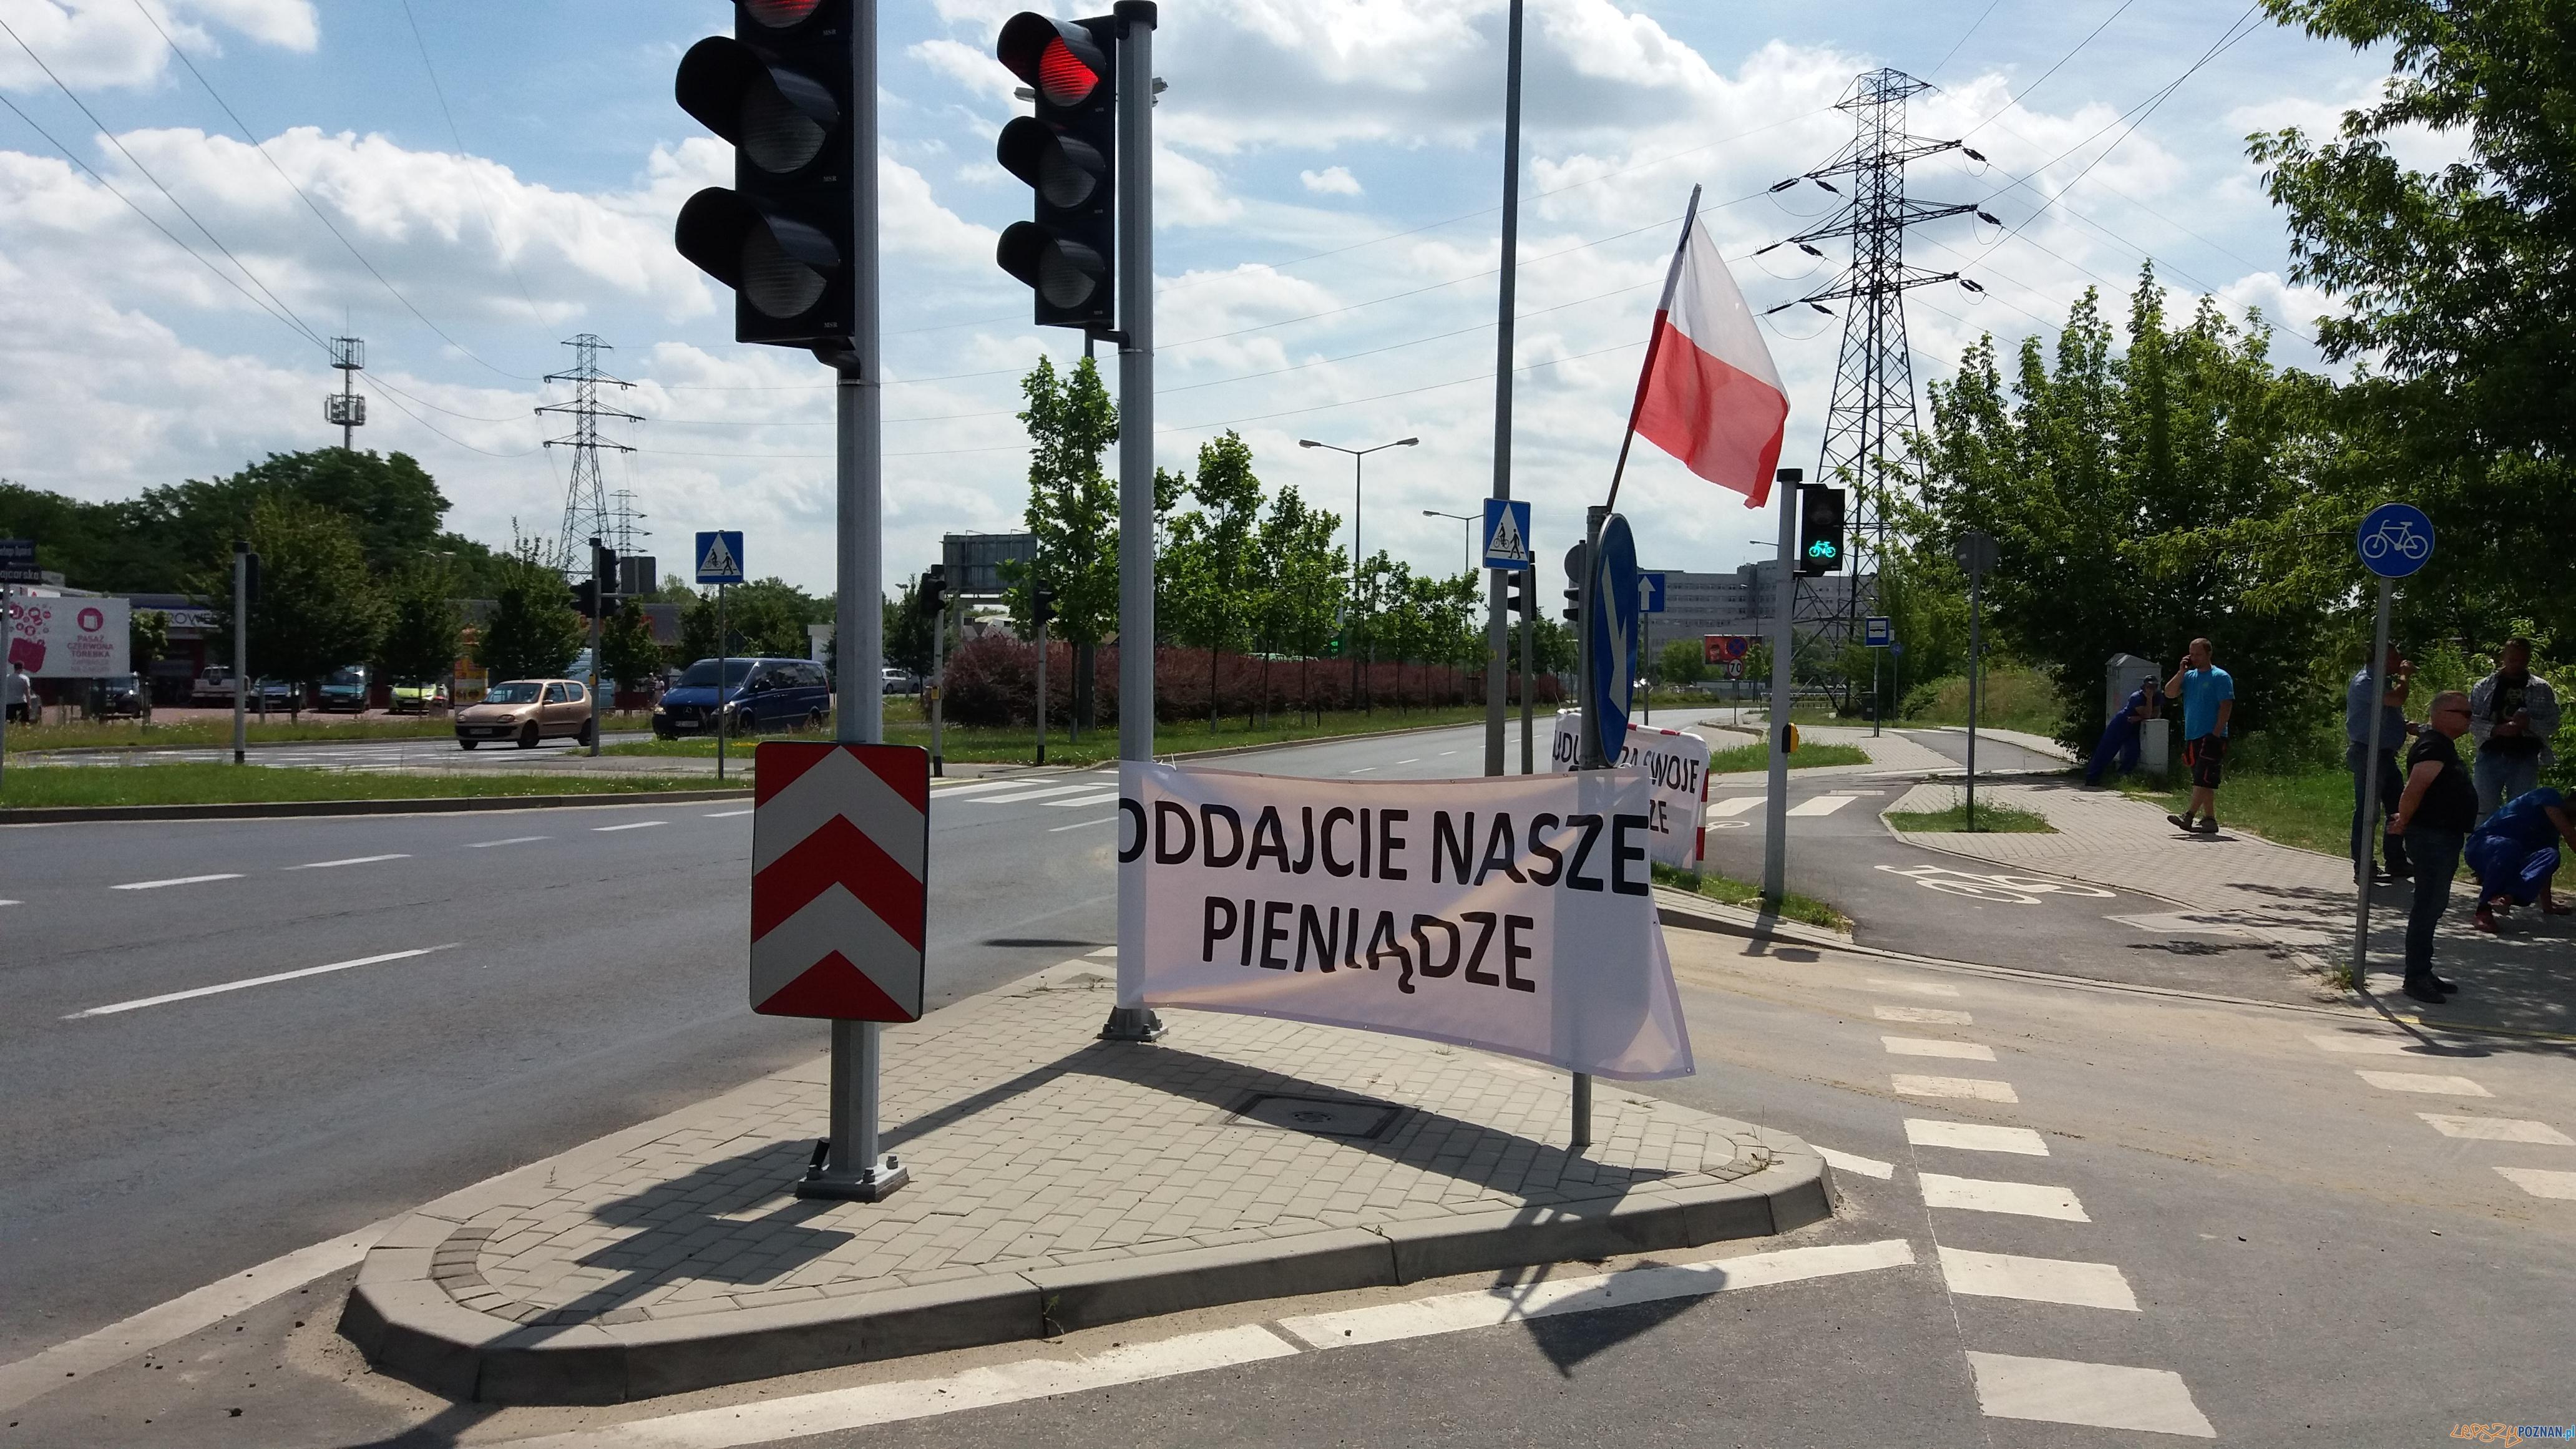 Protest: Budujcie za swoje, nie za nasze  Foto: lepszyPOZNAN.pl / gsm